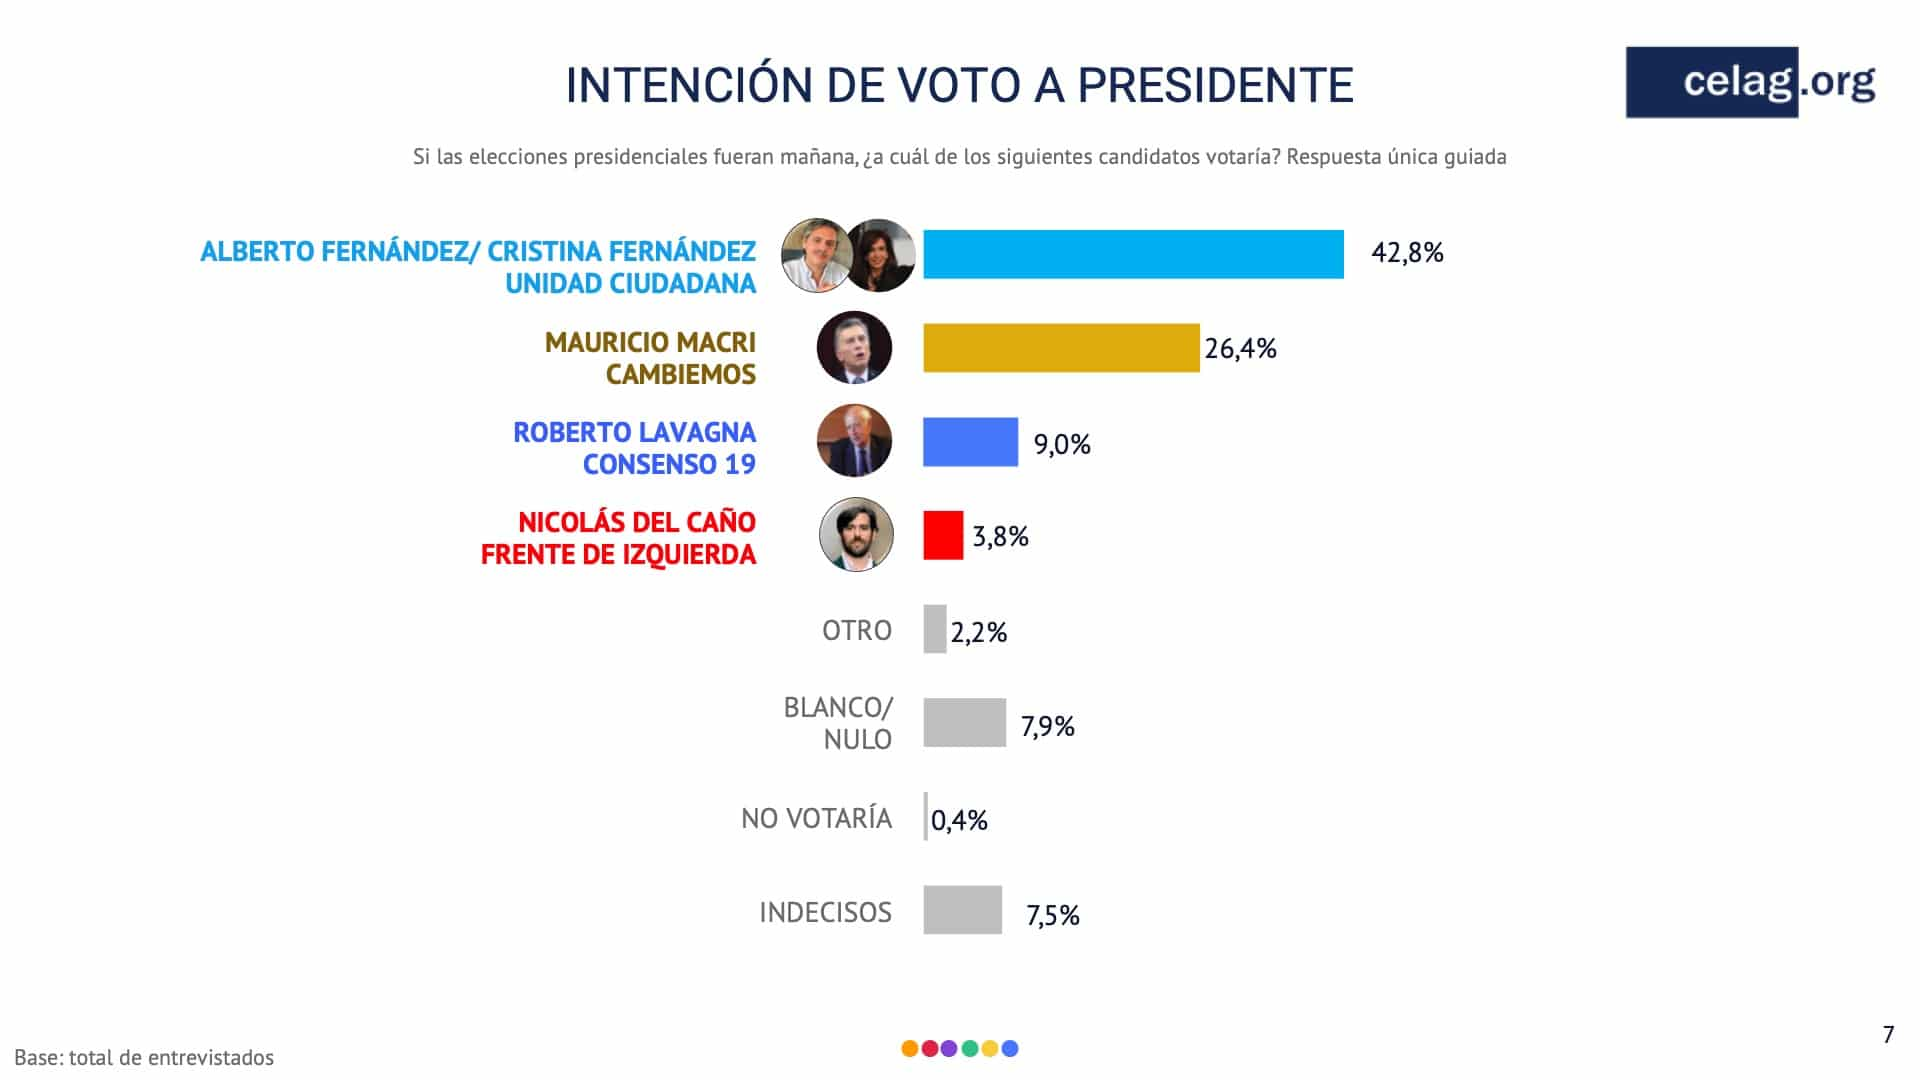 intencion de voto presidencial argentina